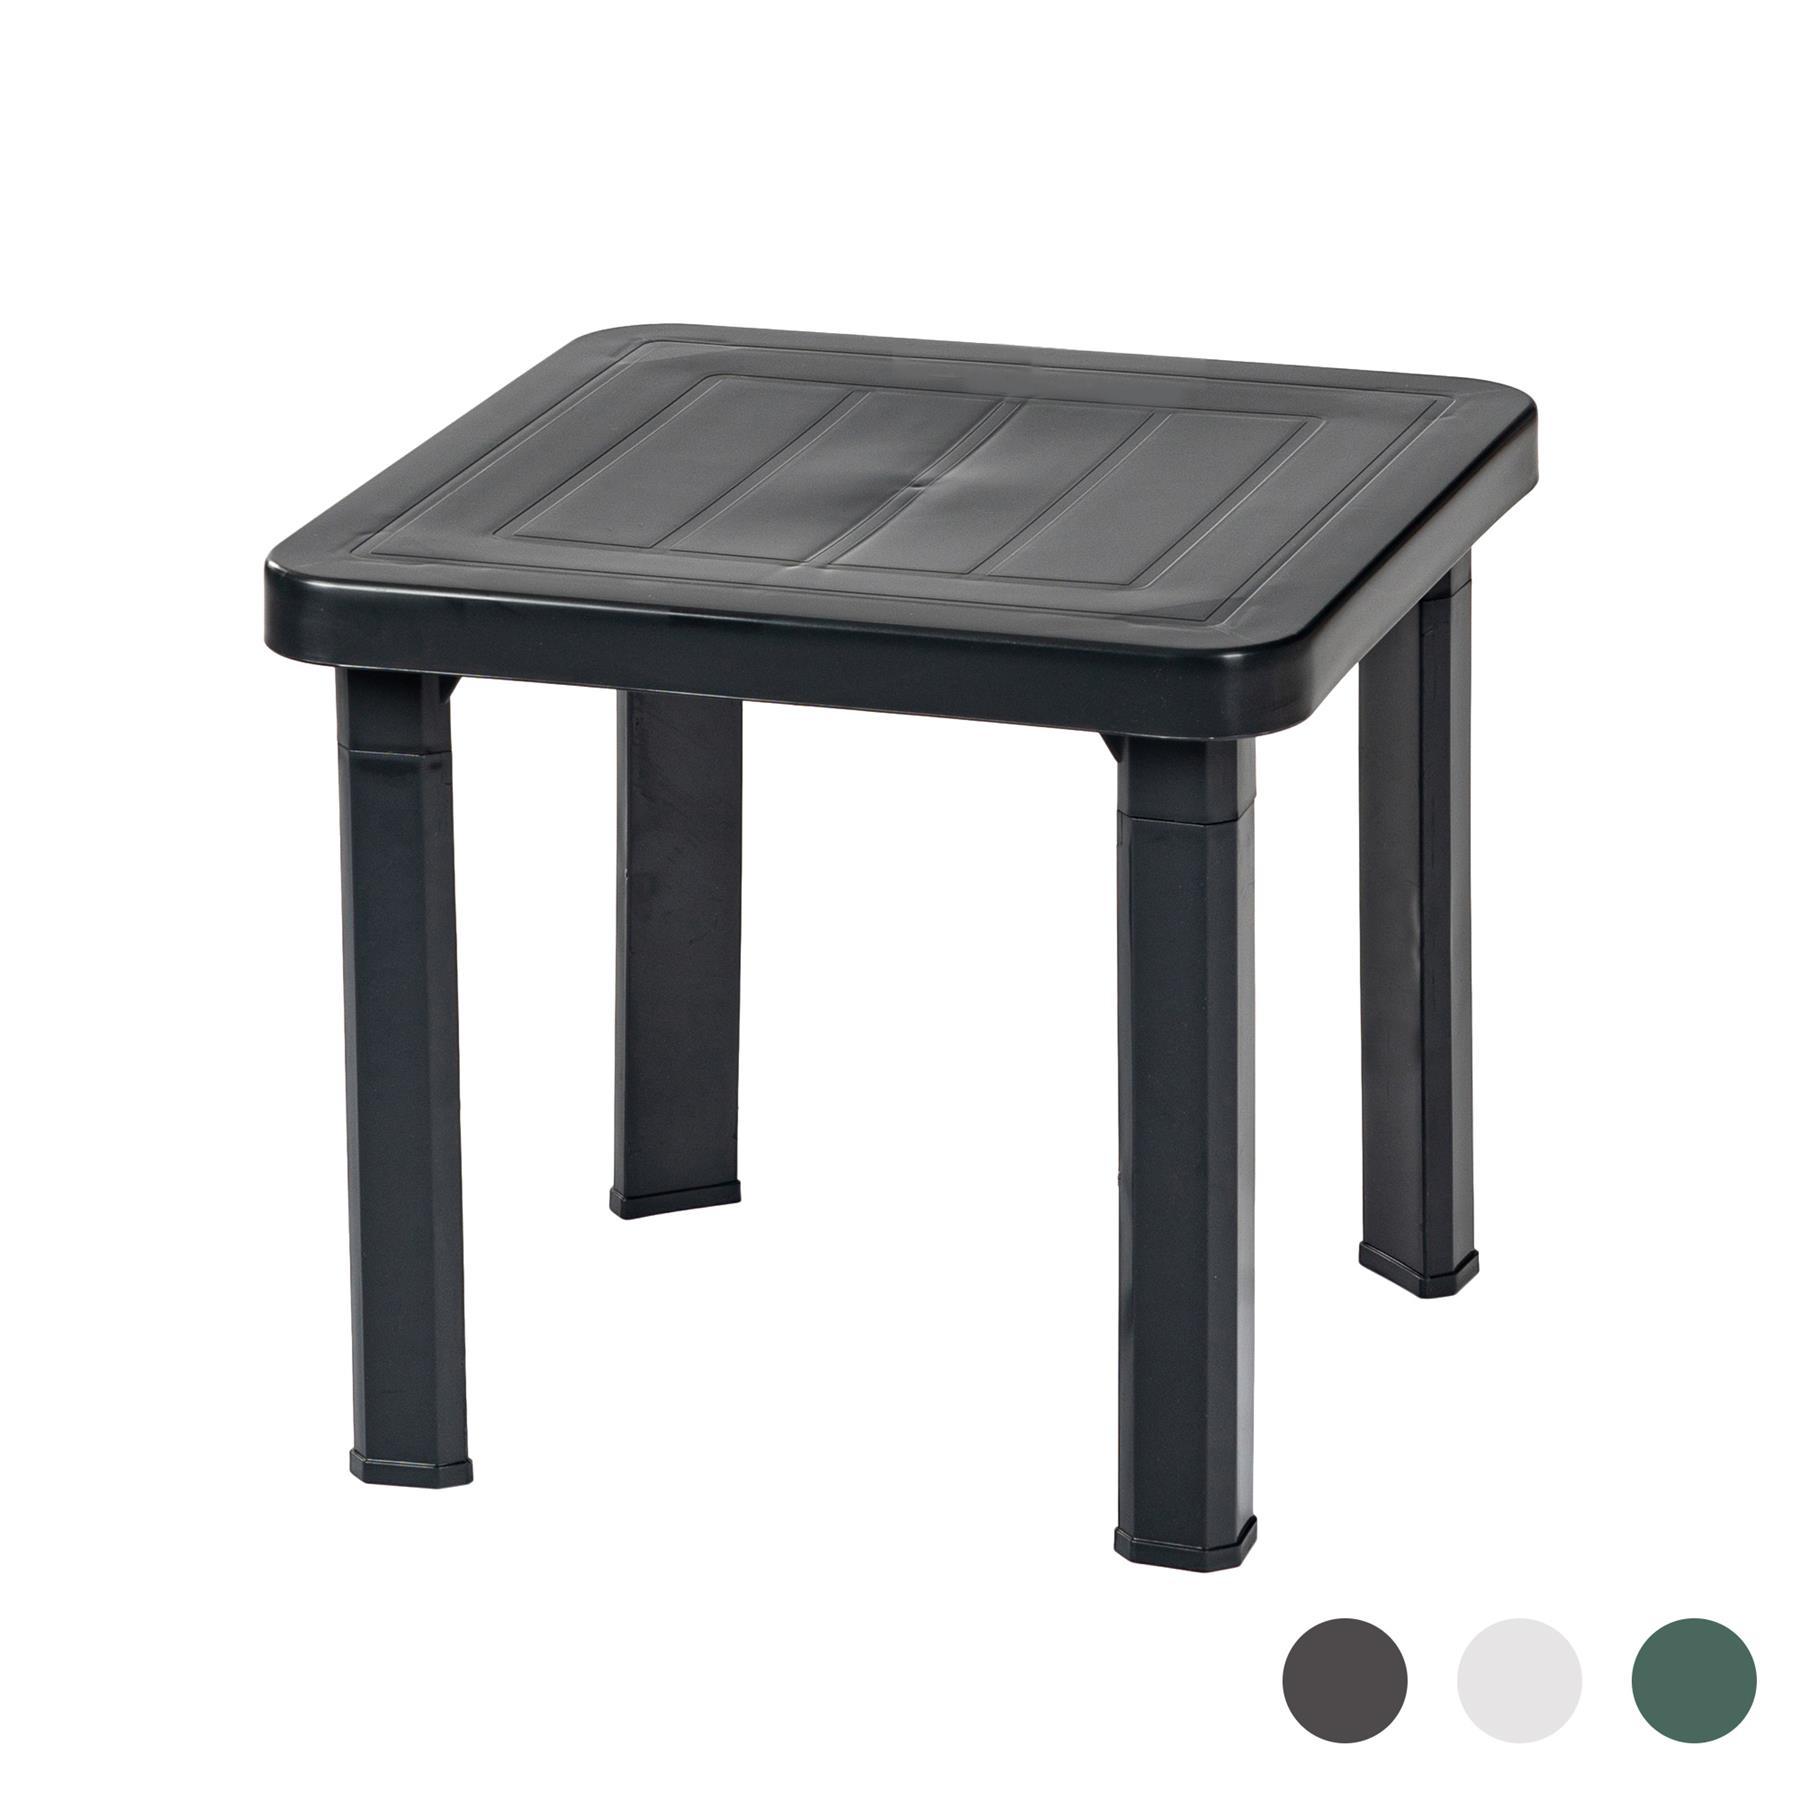 Détails Sur Andorre Plastique Jardin Table Basse Côté - Gris - Mobilier  D'extérieur à Table Basse De Jardin En Plastique